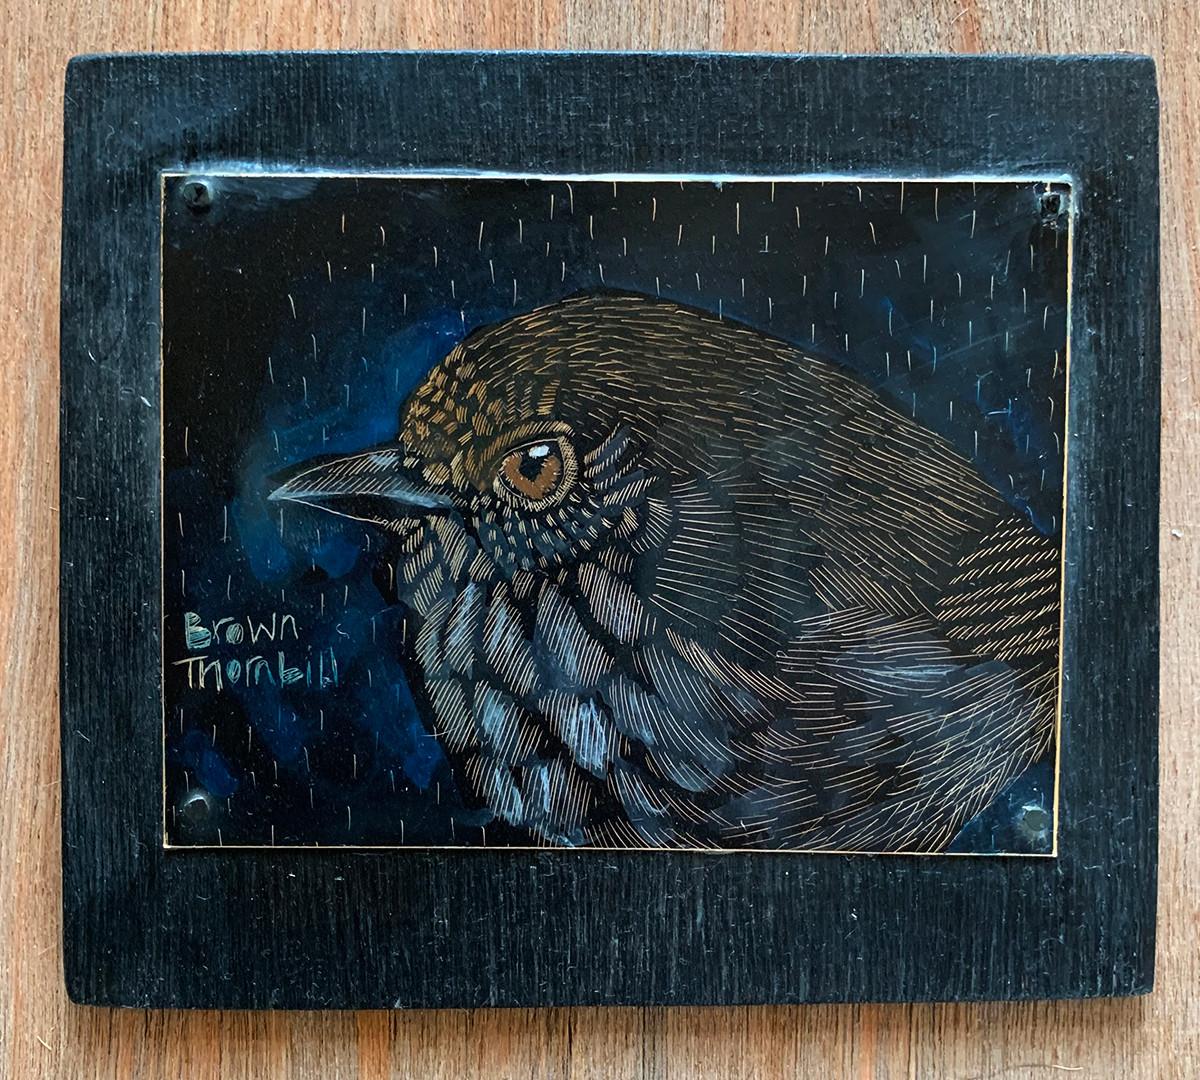 Brown-thornbill-smallbirdofblackheath.jp